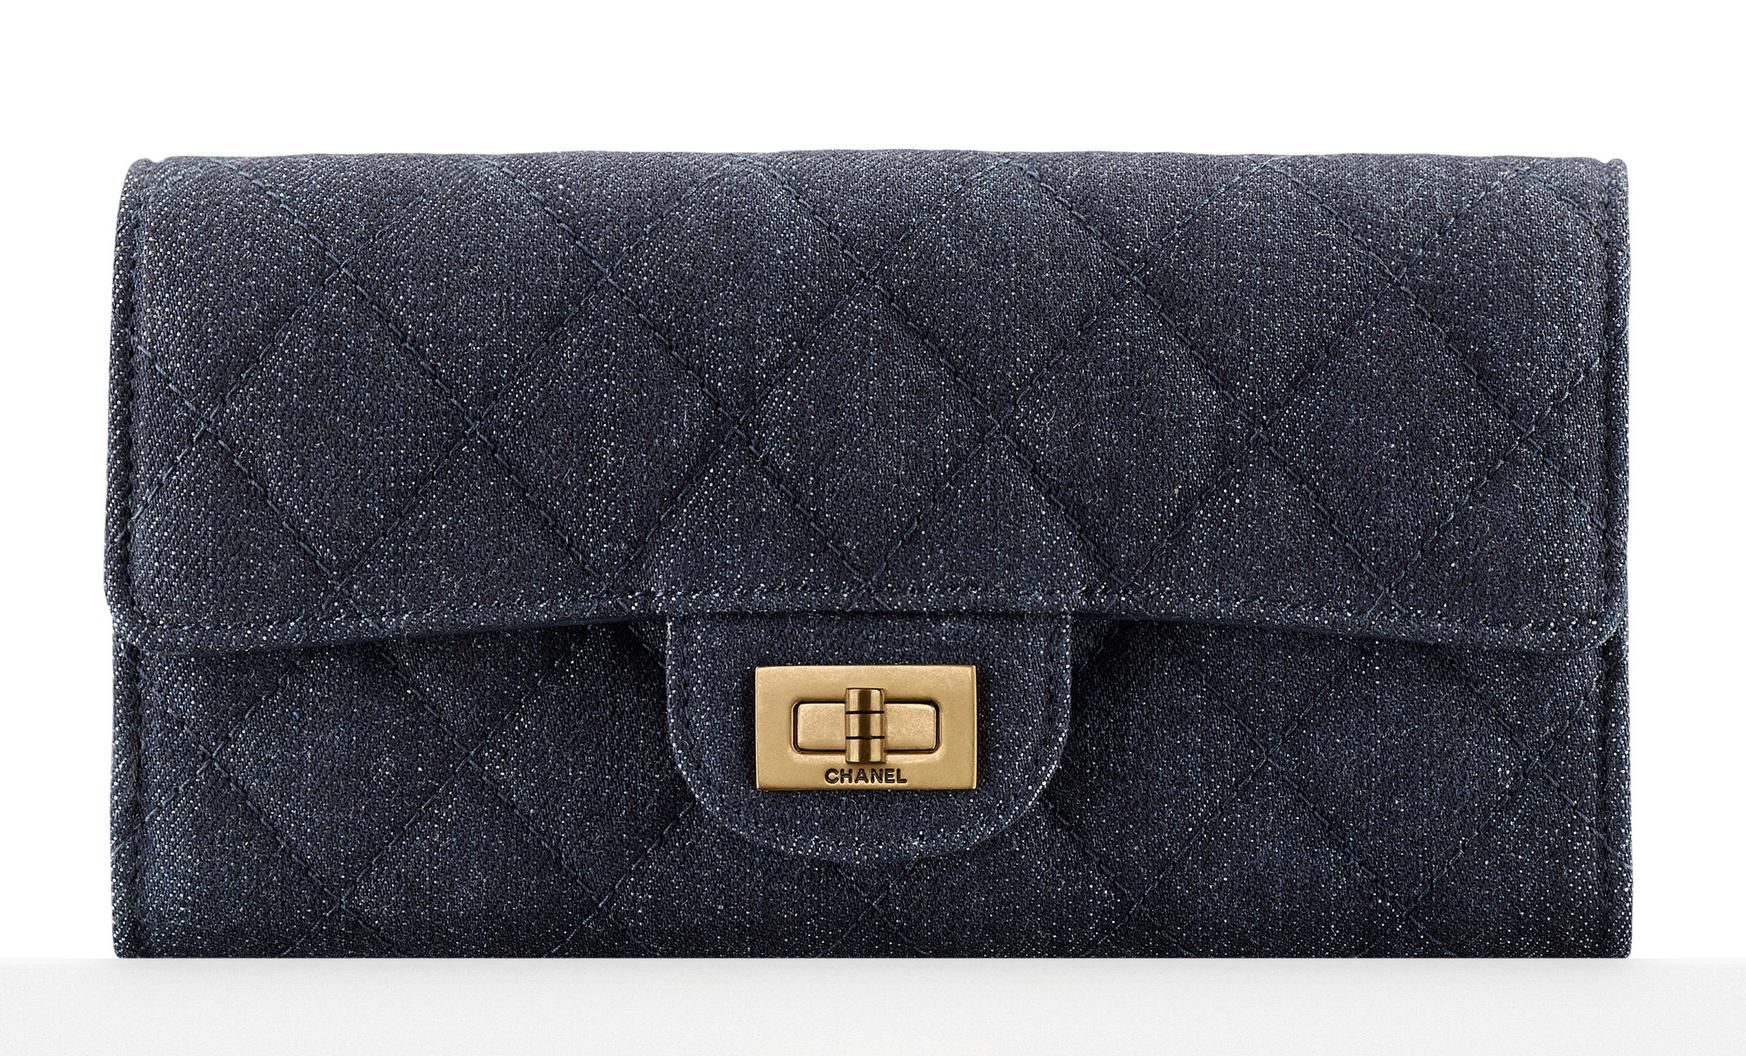 Chanel-Denim-Flap-Wallet-900